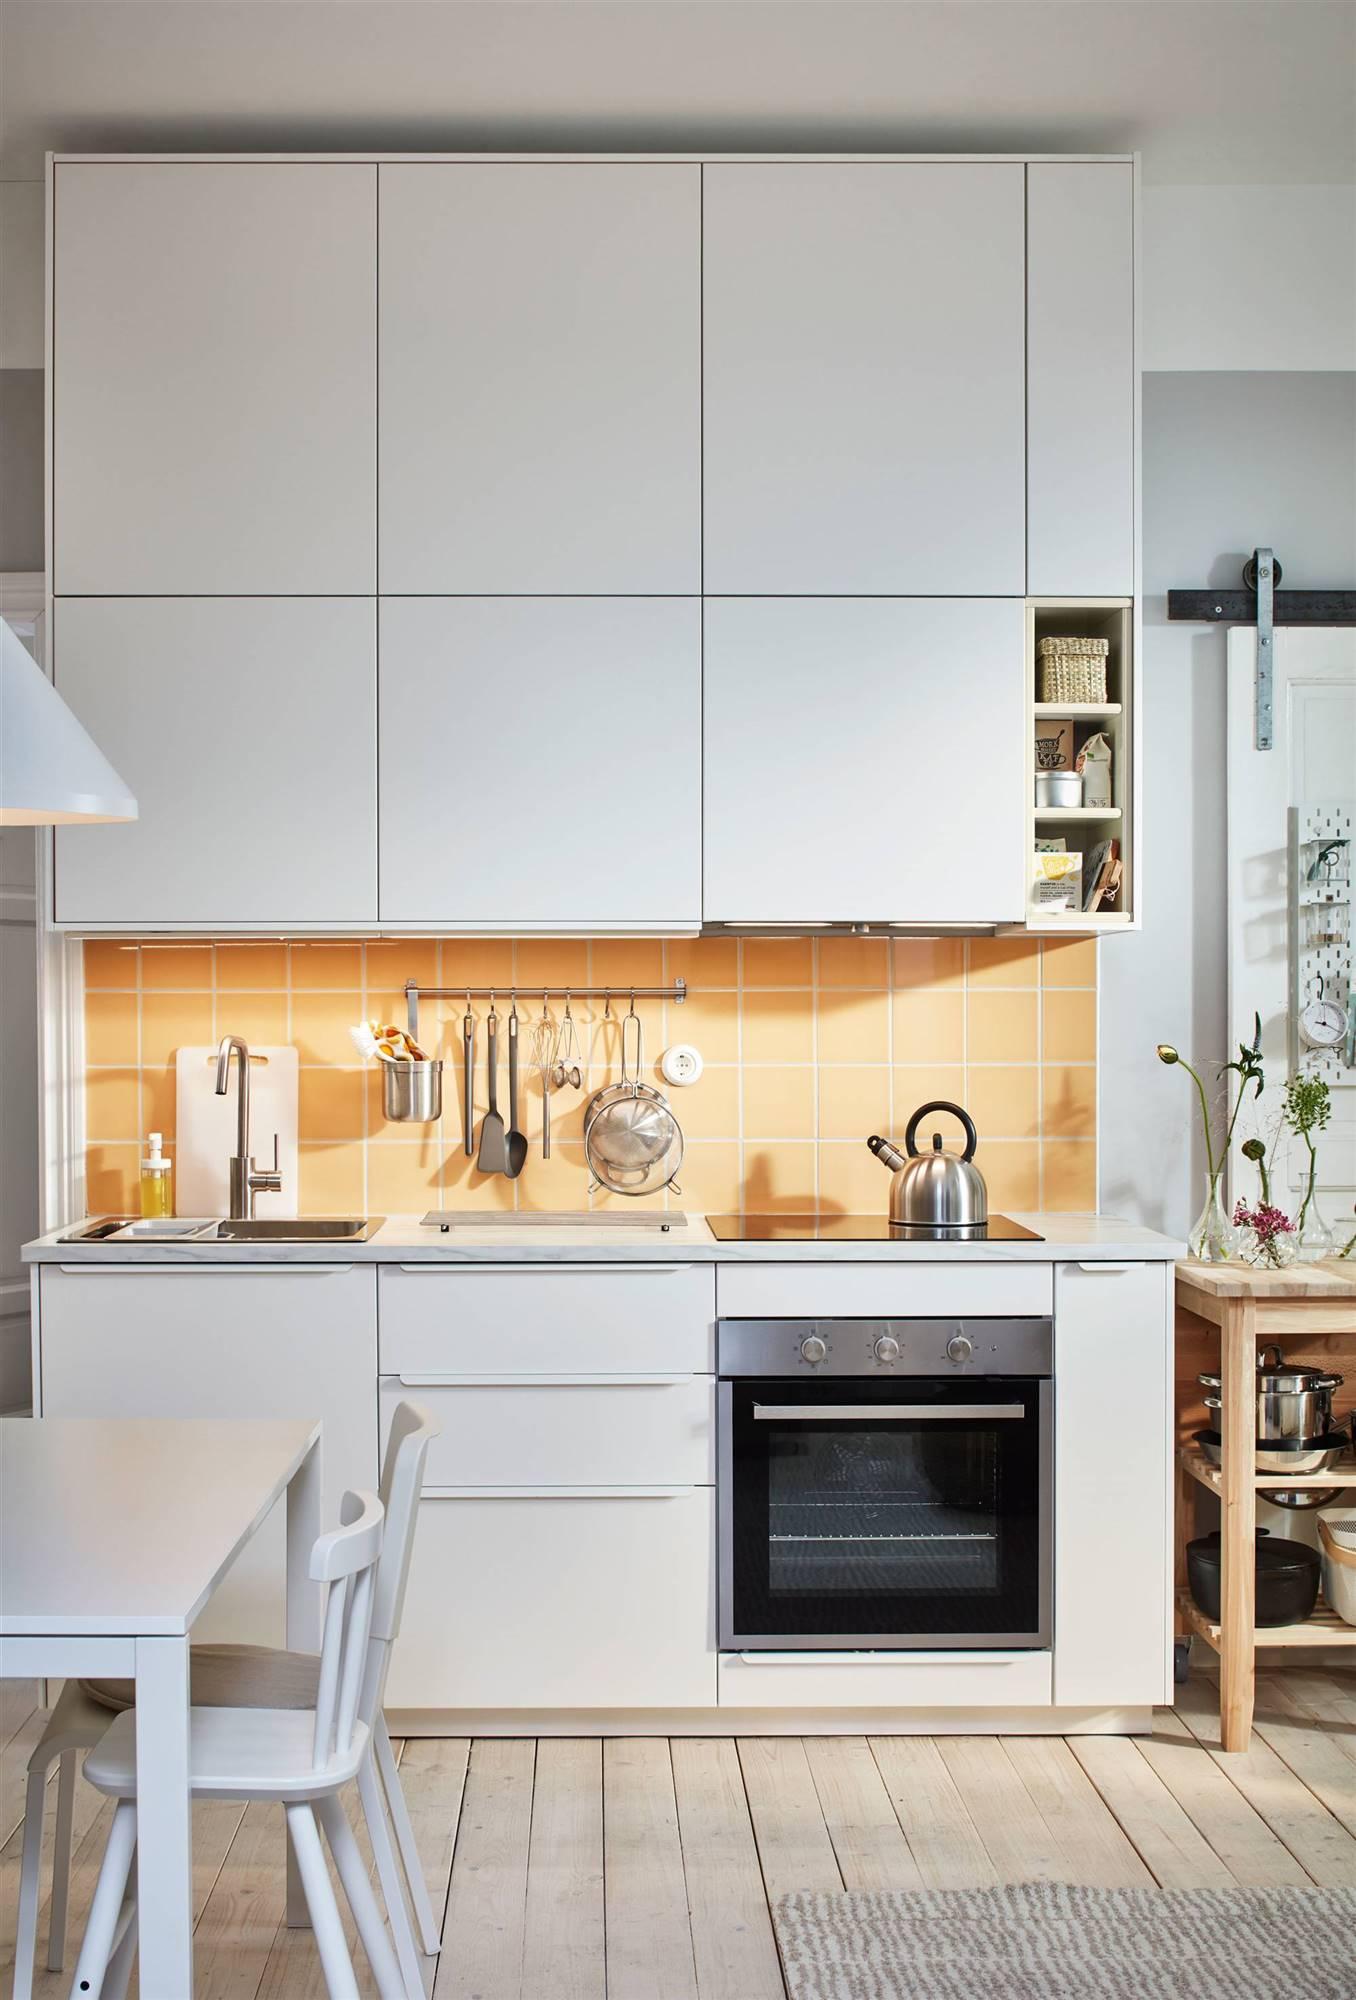 armaros de cocina ikea de 30 cm